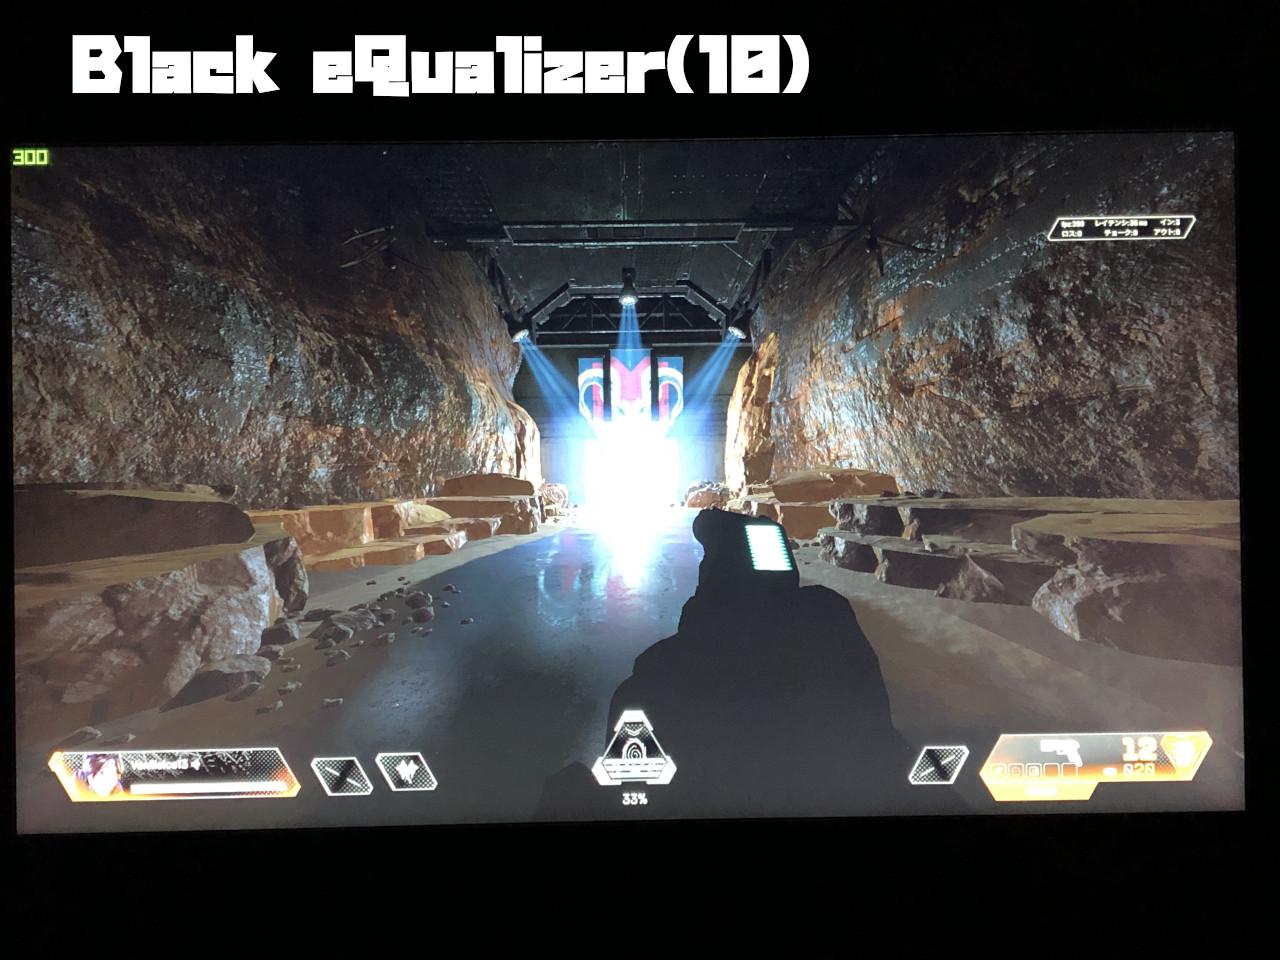 Black eQualizer(10)